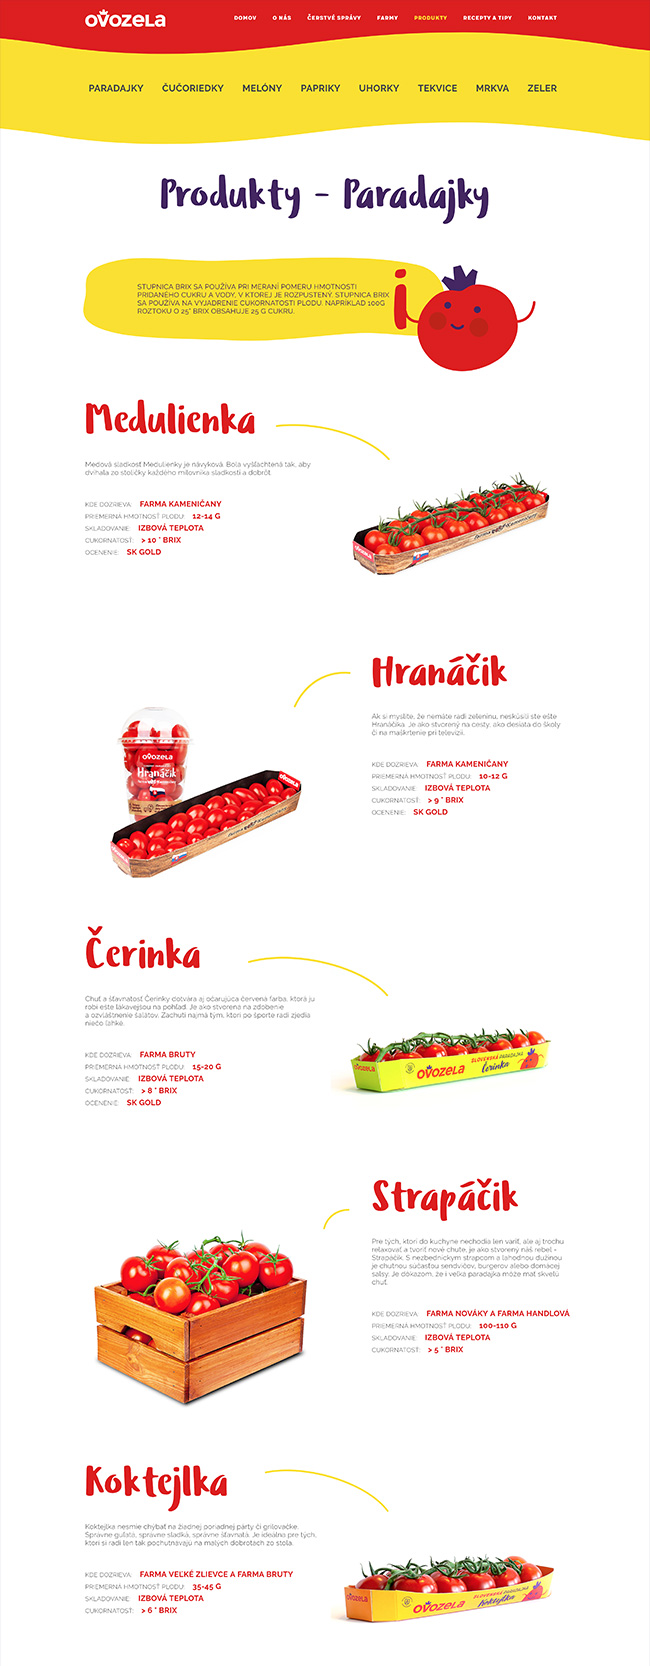 webdesign OVOZELA